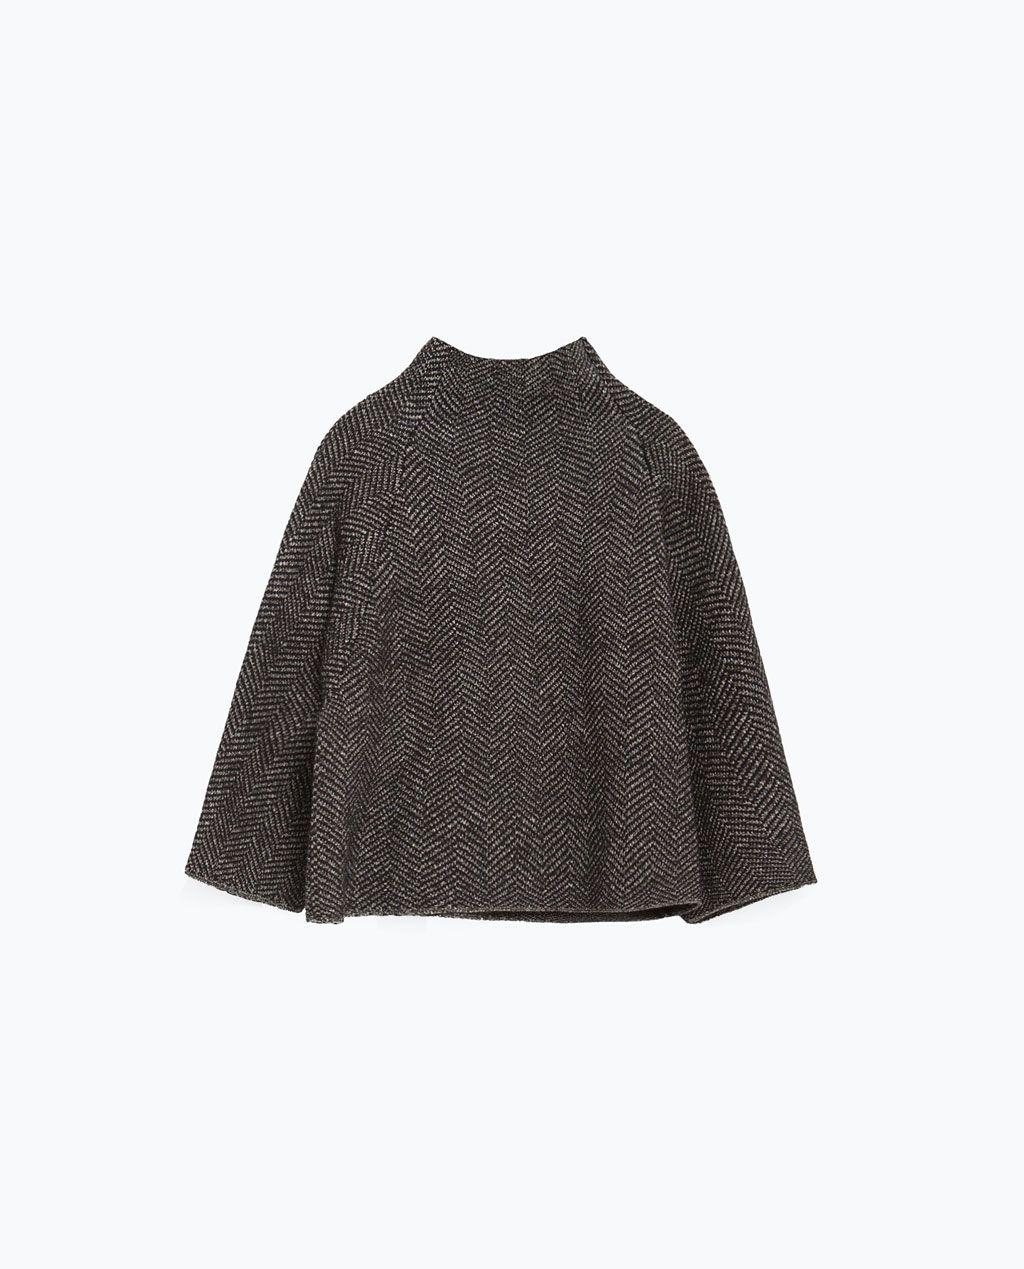 ヘリンボーンセーター-セーター-ニット-レディ-ス   ZARA 日本